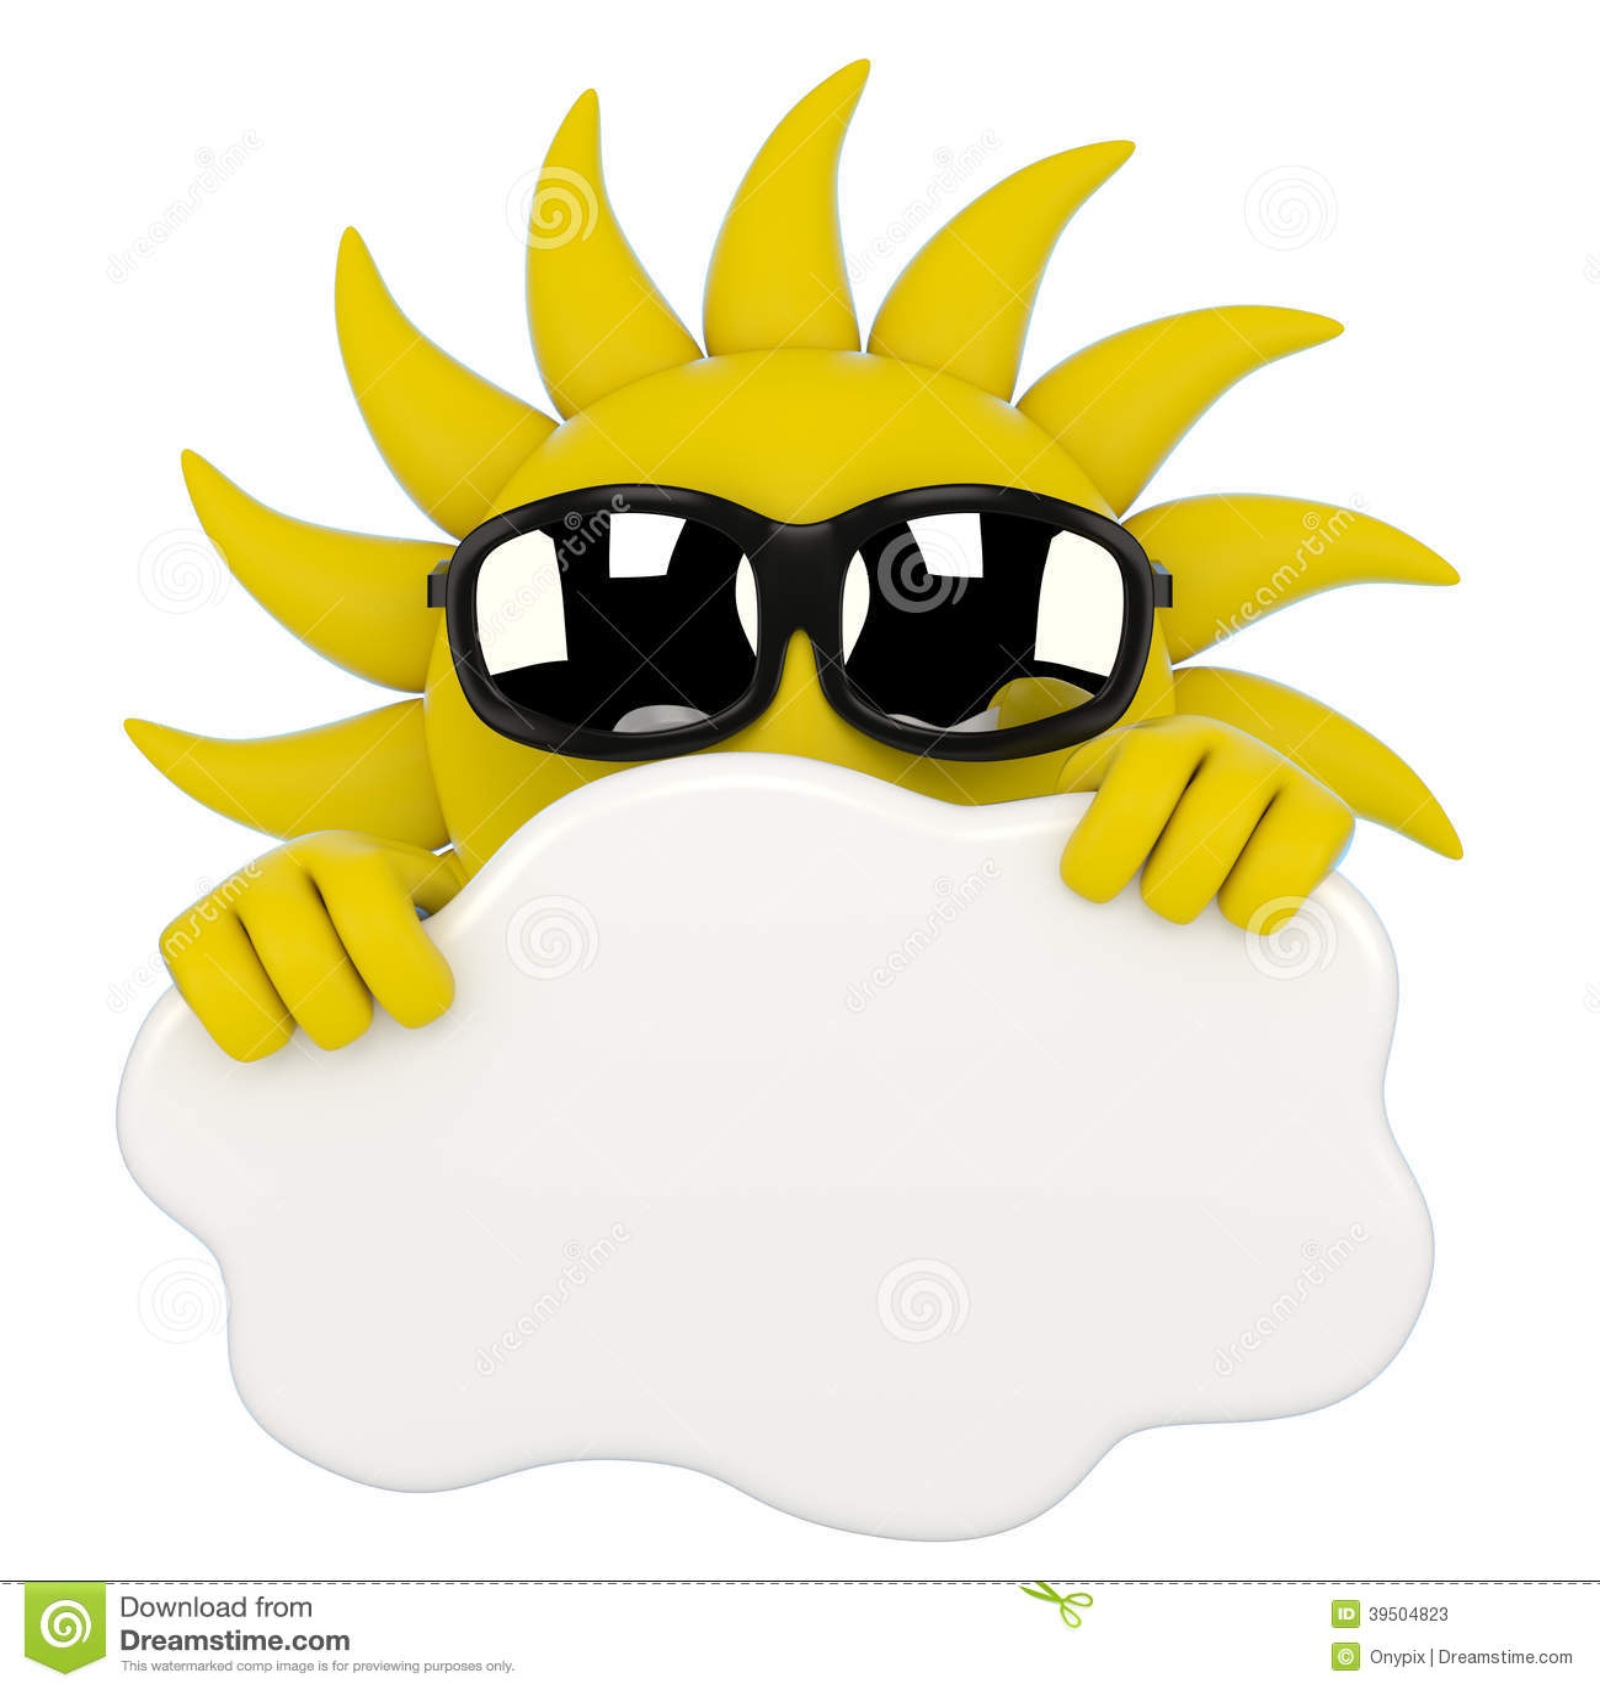 Sun hiding behind a cloud